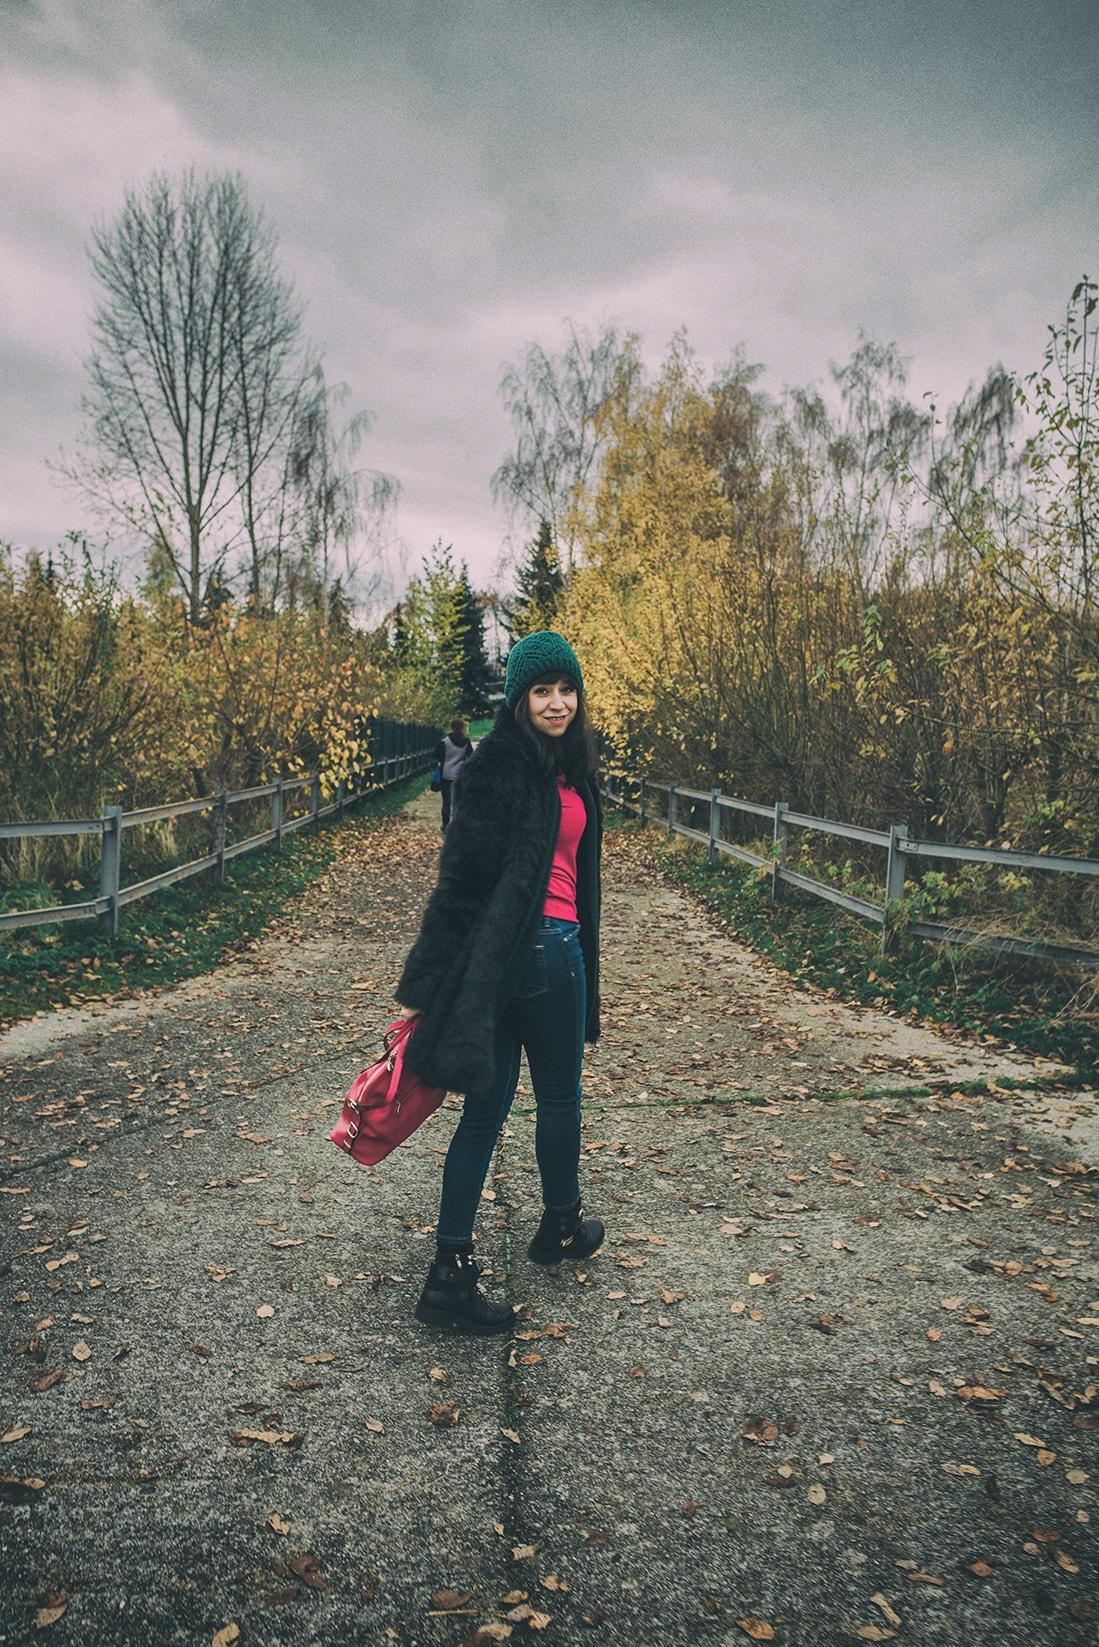 1 VEC, KTORÚ URČITE MUSÍTE MAŤ ZO ZIMNÉHO VÝPREDAJA_Katharine-fashion is beautiful_blog 6_Kožušinová bunda_Kabelka Nucelle od JEJ_Katarína Jakubčová_Fashion blogerka